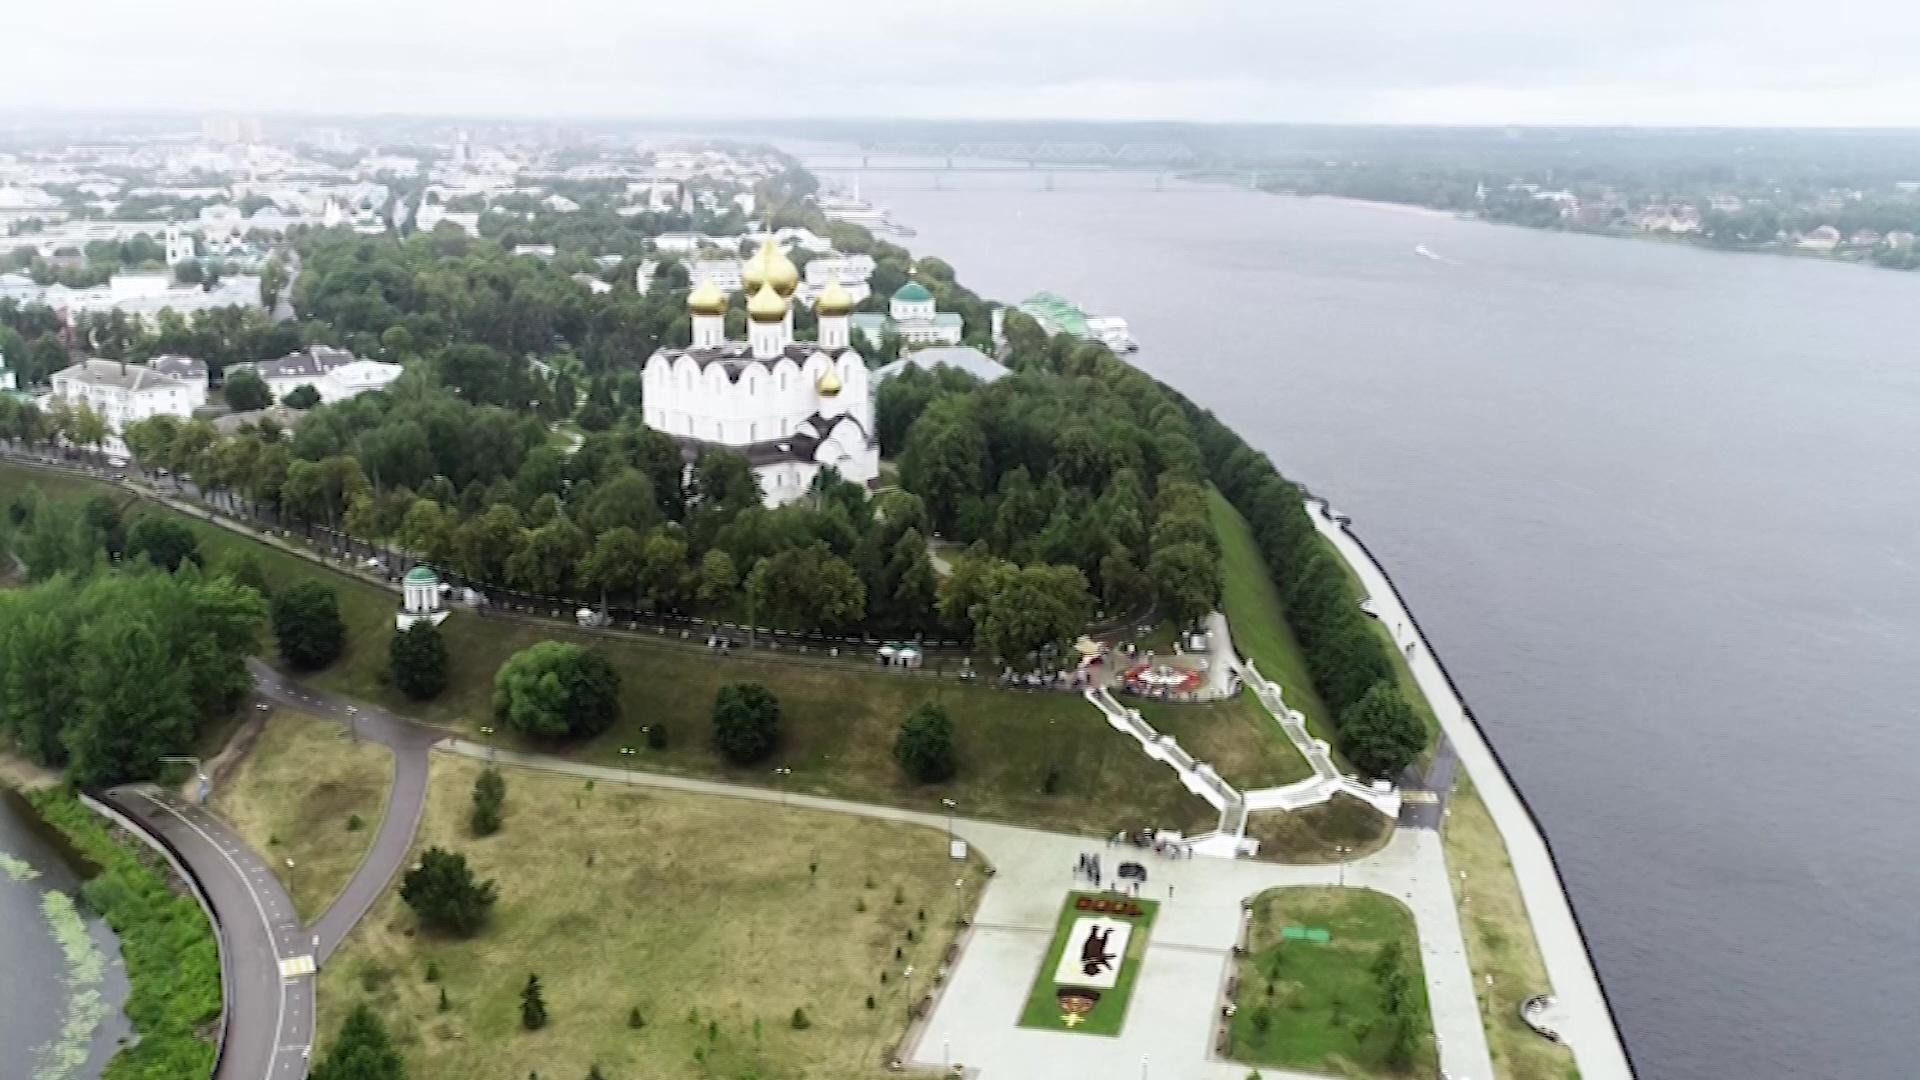 Ярославская область заняла 12 место в рейтинге лучших регионов для жизни